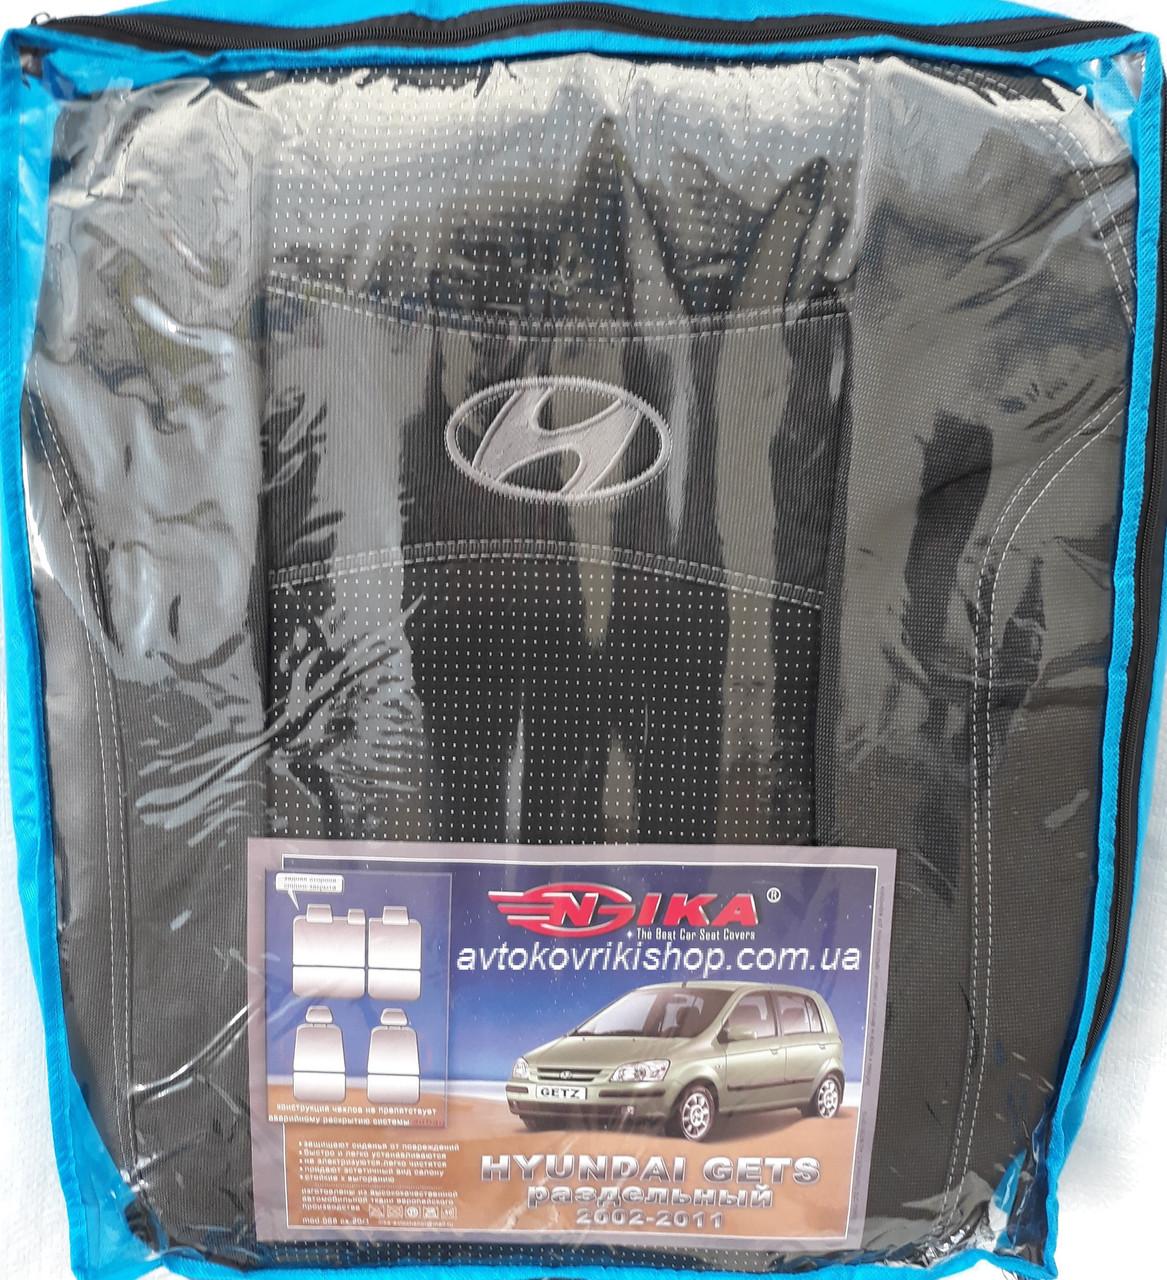 Авточехлы Hyundai Getz 2002-2011 (з/сп раздельная) Nika